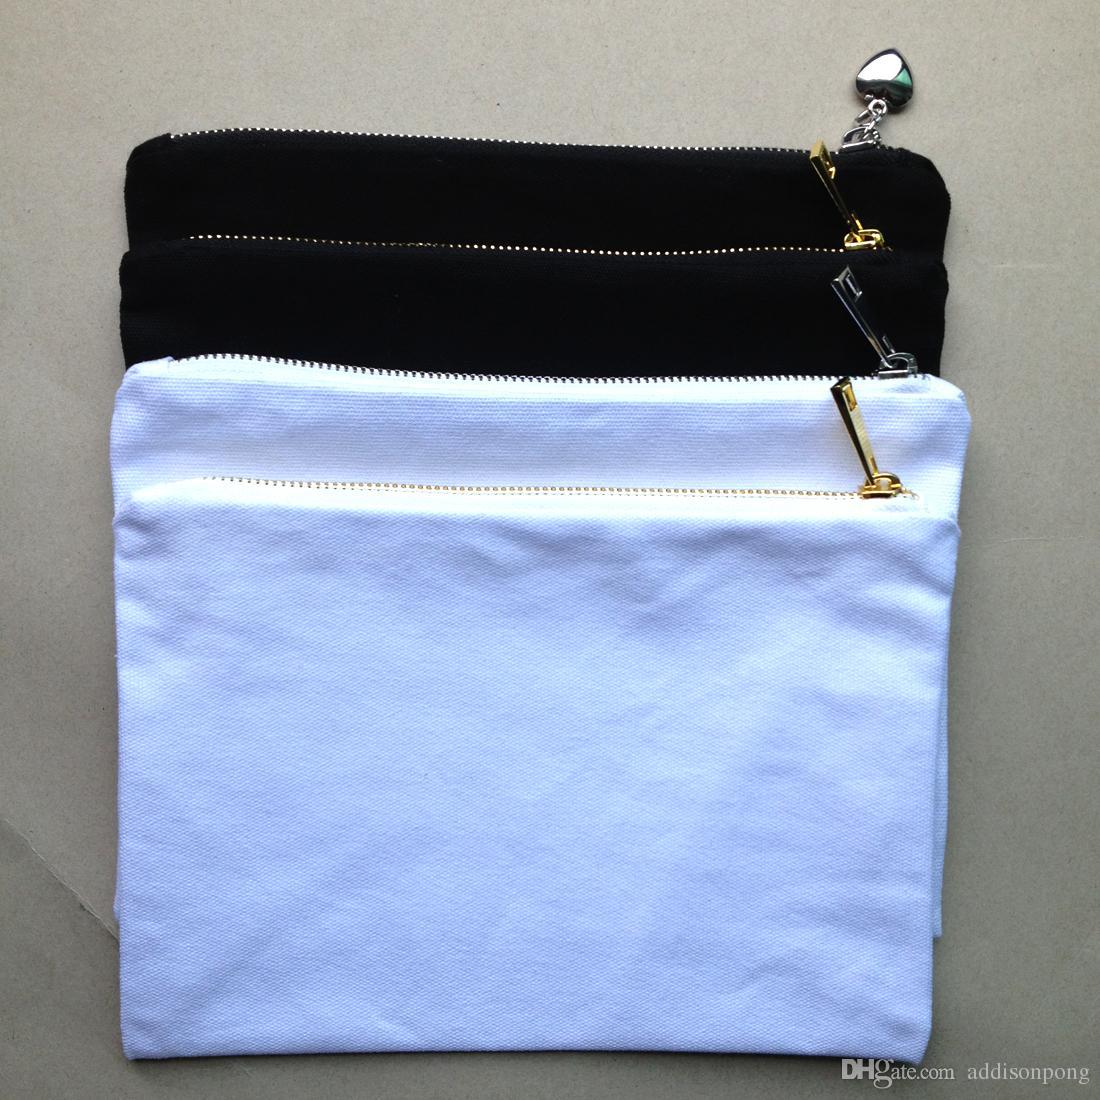 골드 / 실버 지퍼 12온스 블랙 / 화이트 코튼 캔버스 화장품 가방과 일치하는 컬러 라이닝 빈 화장품 가방 세면 도구 파우치